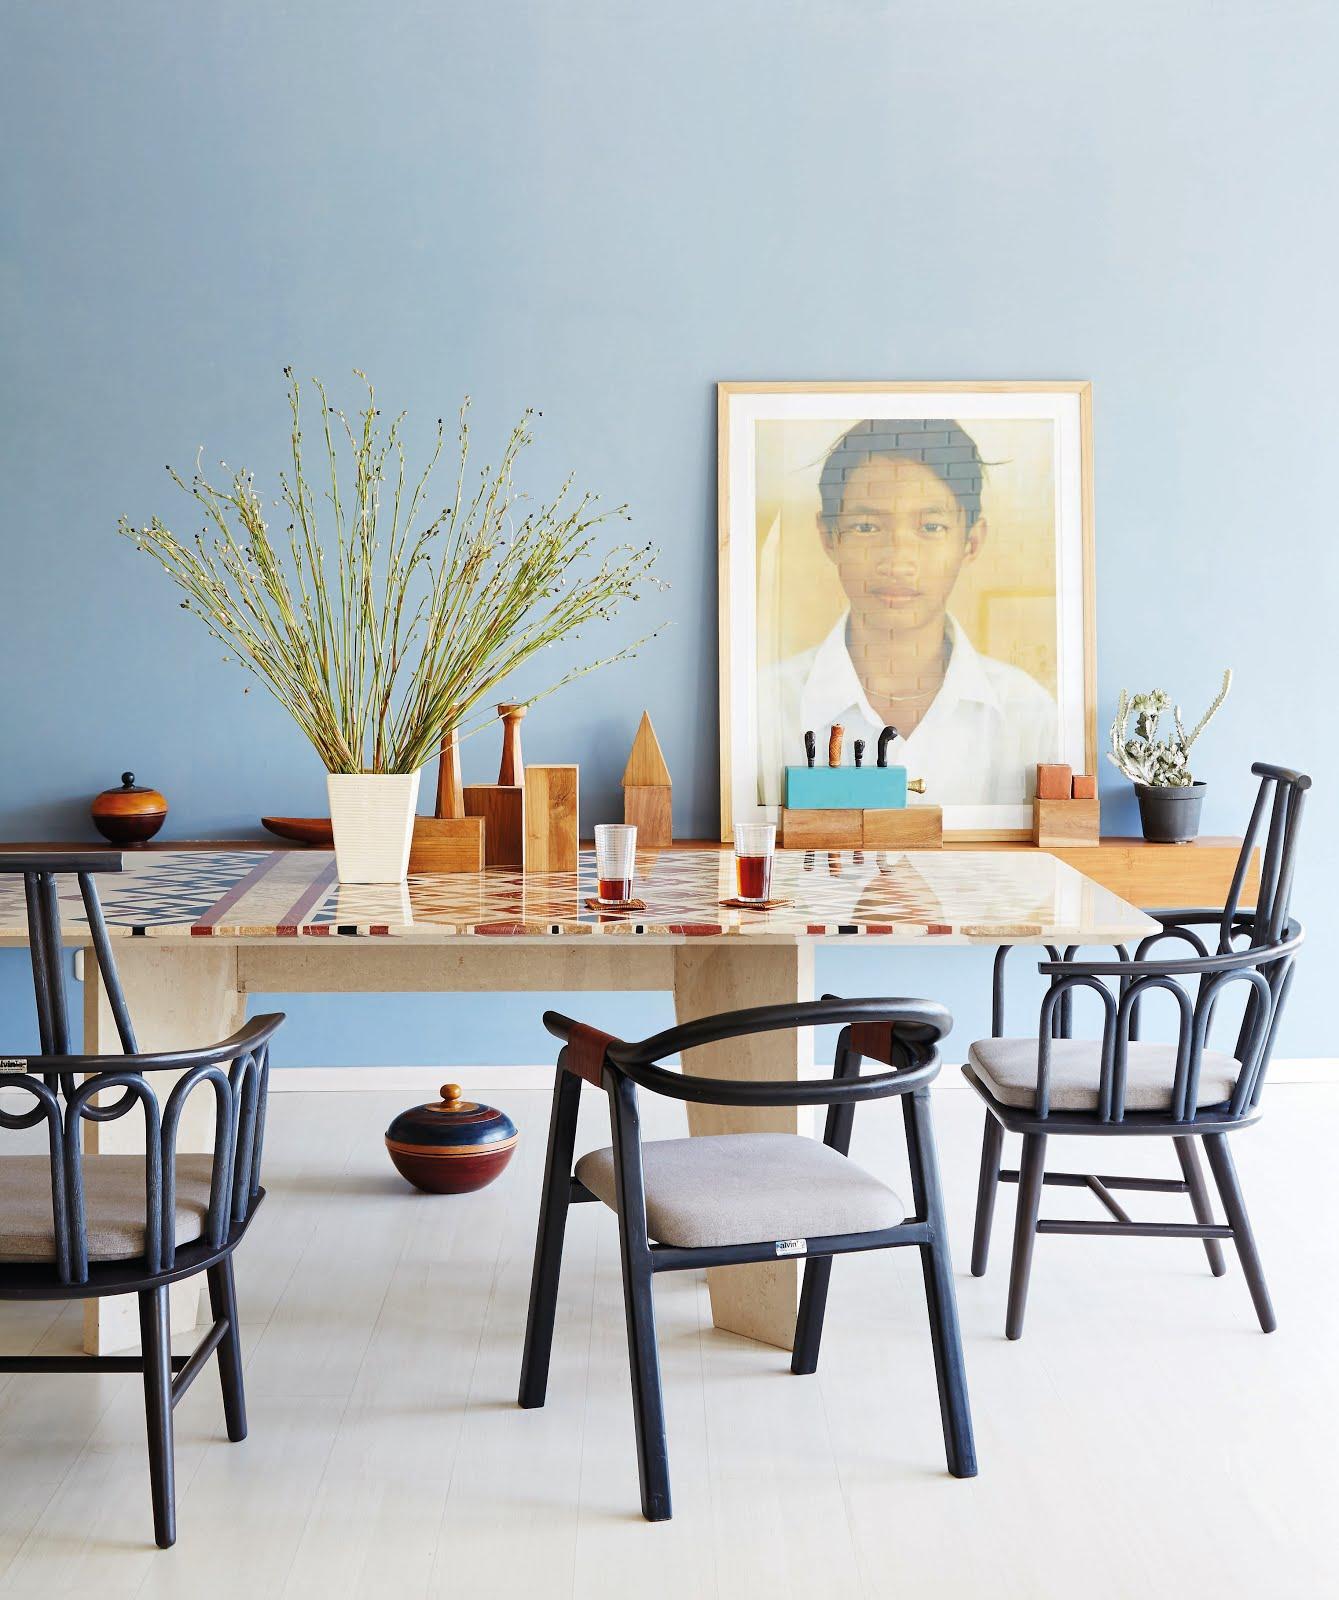 Schuetz Furniture: Rattan Chairs Manufactured by Schuetz Furniture ...